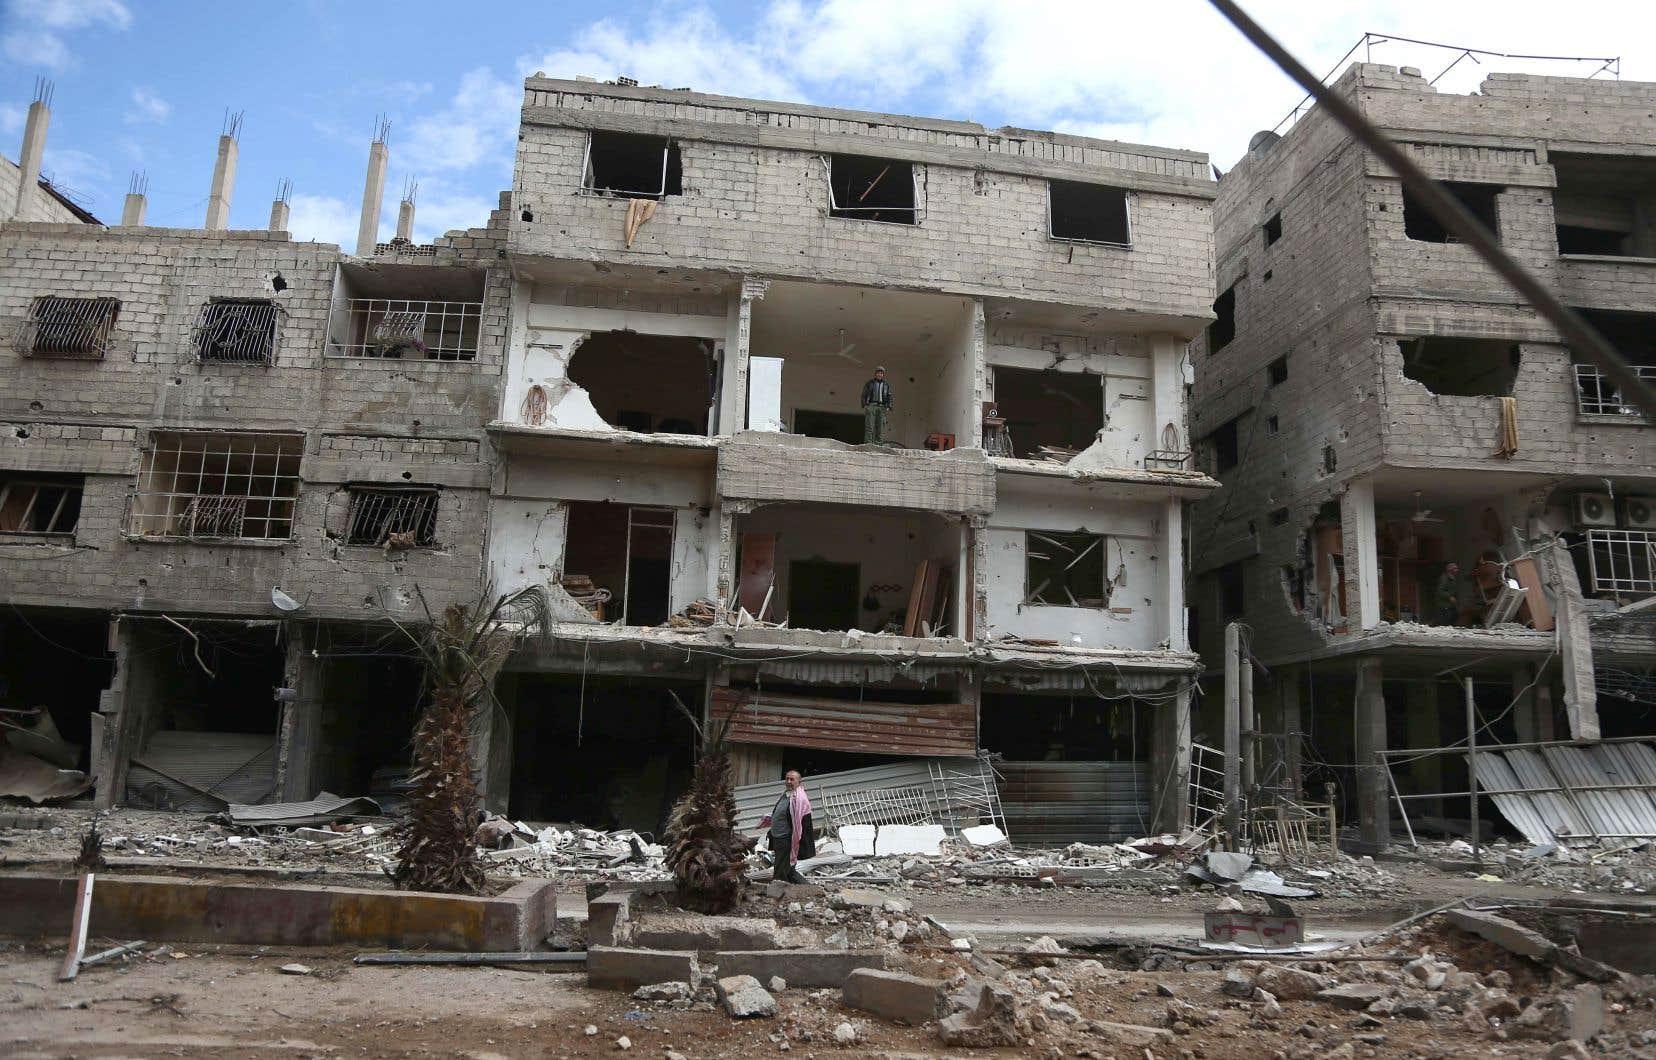 Plus de 700 personnes ont besoin d'une évacuation médicale urgente de ce fief rebelle syrien, selon les Nations unies.